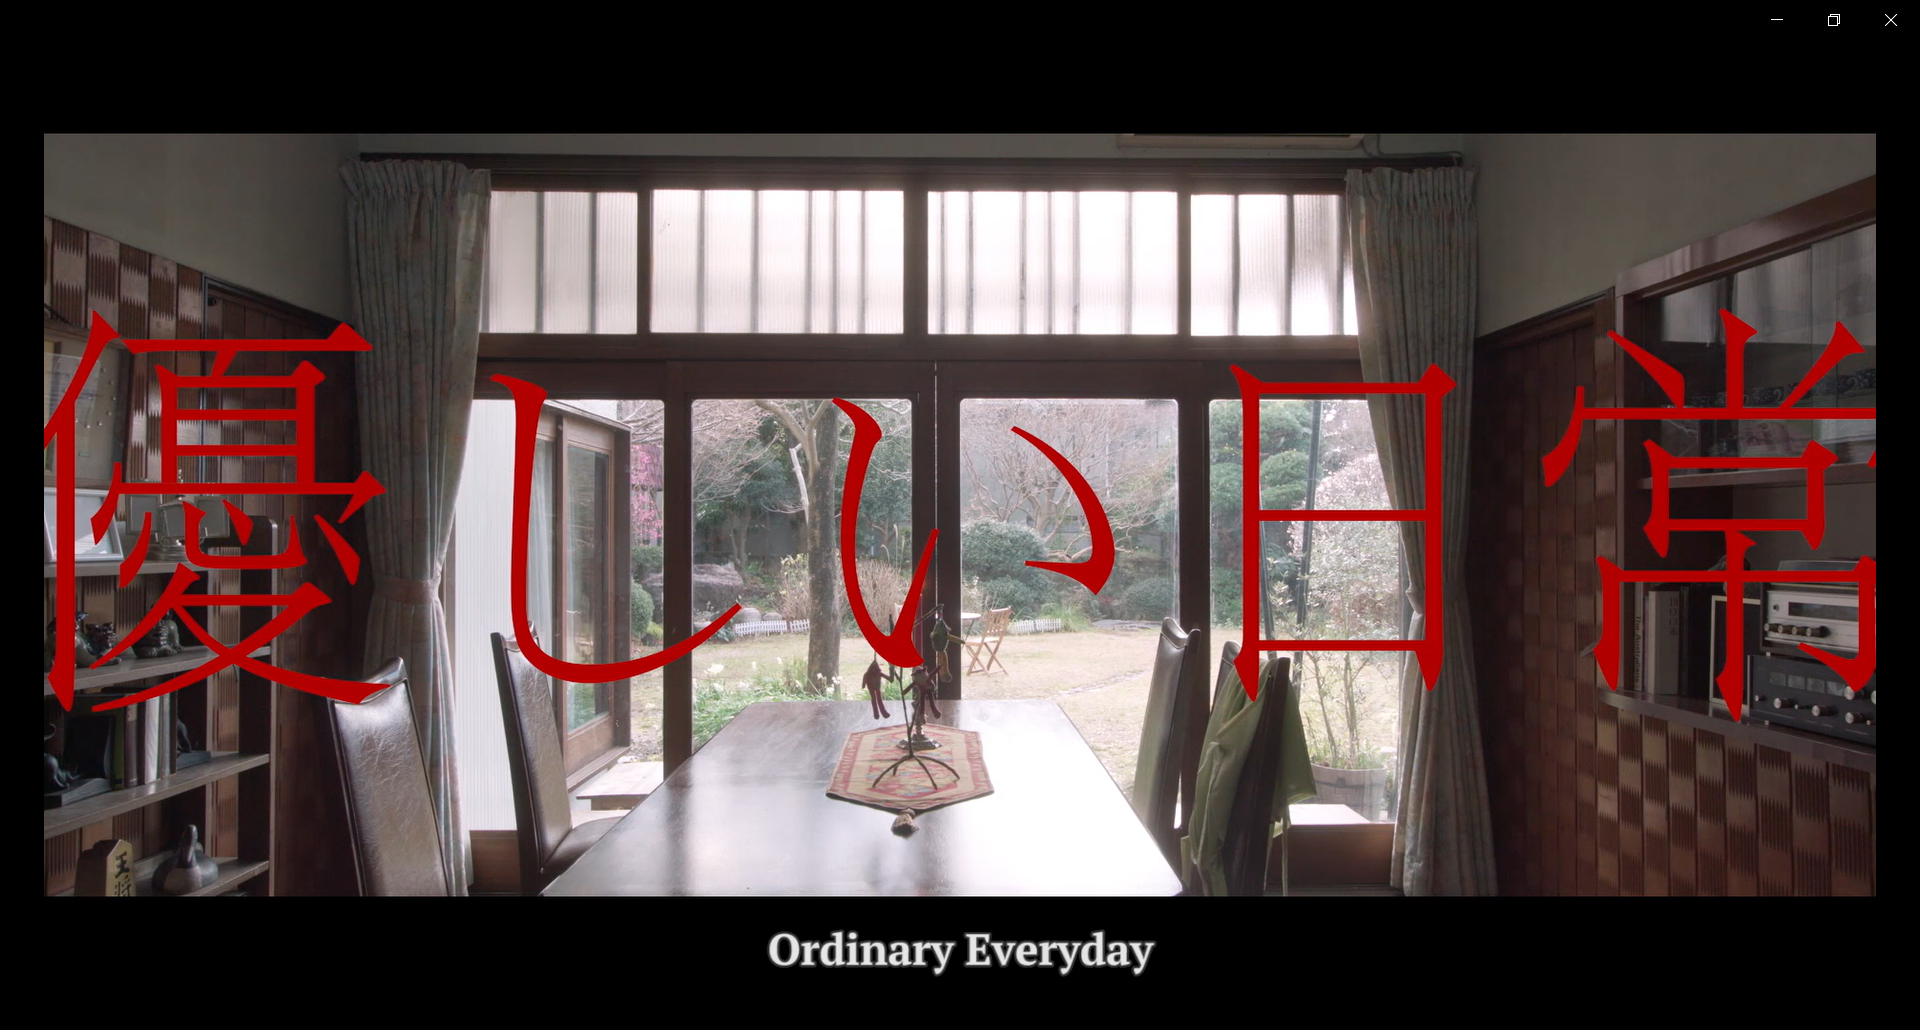 Ordinary Everyday